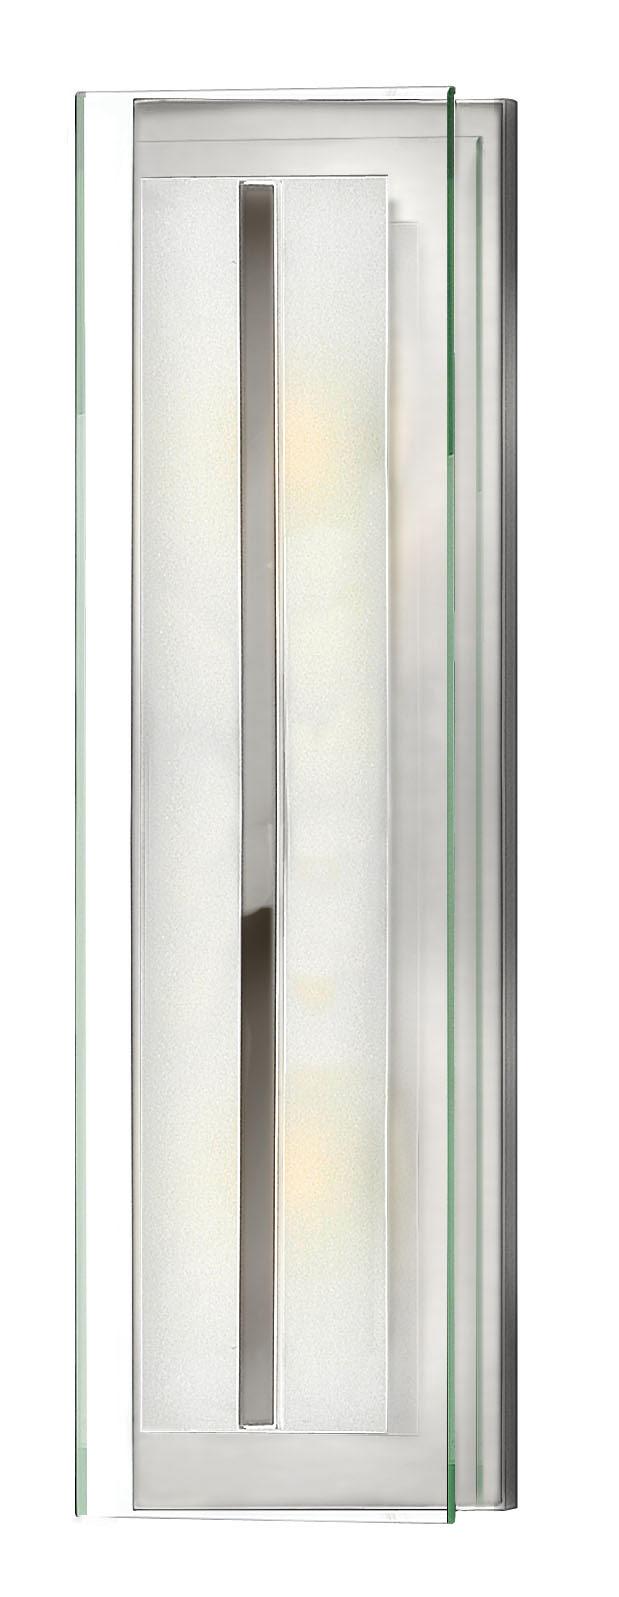 Latitude Vertical Bathroom Vanity Light by Hinkley Lighting | 5651CM